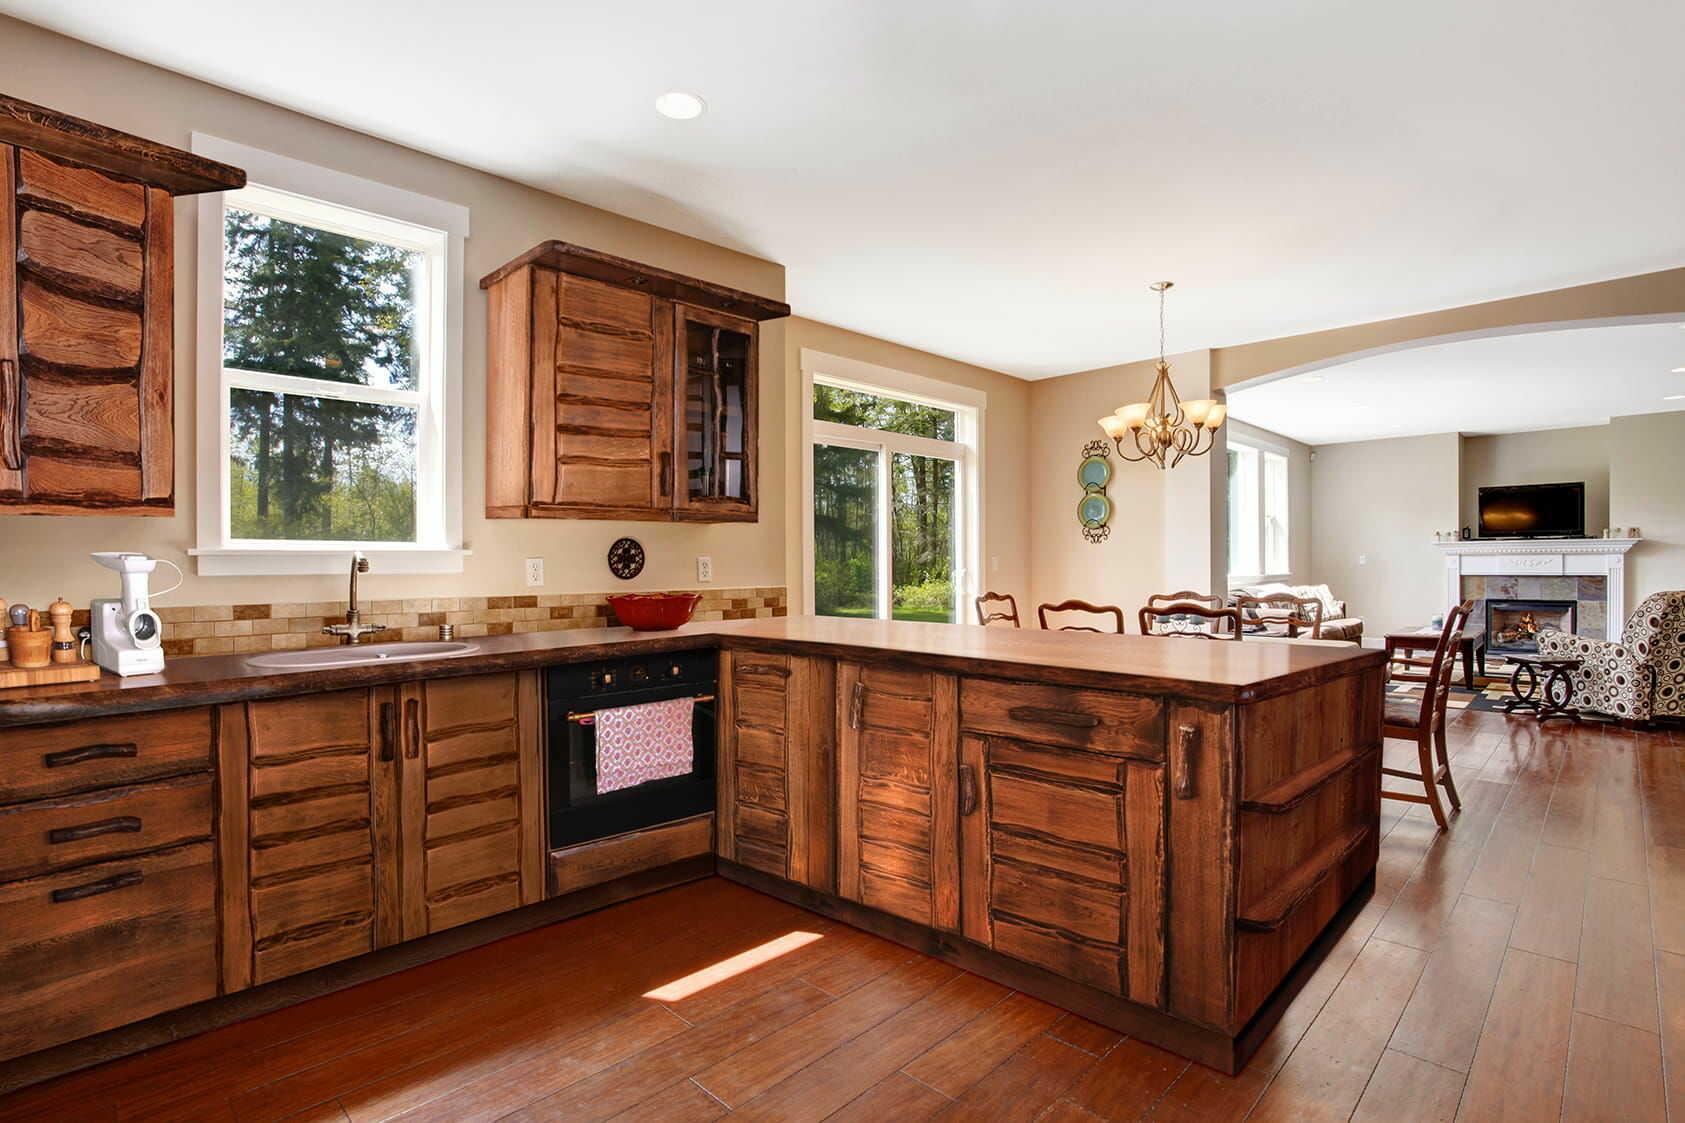 Kuchnia na zamówienie drewniana dębowa styl rustykalny RUSTICA 2